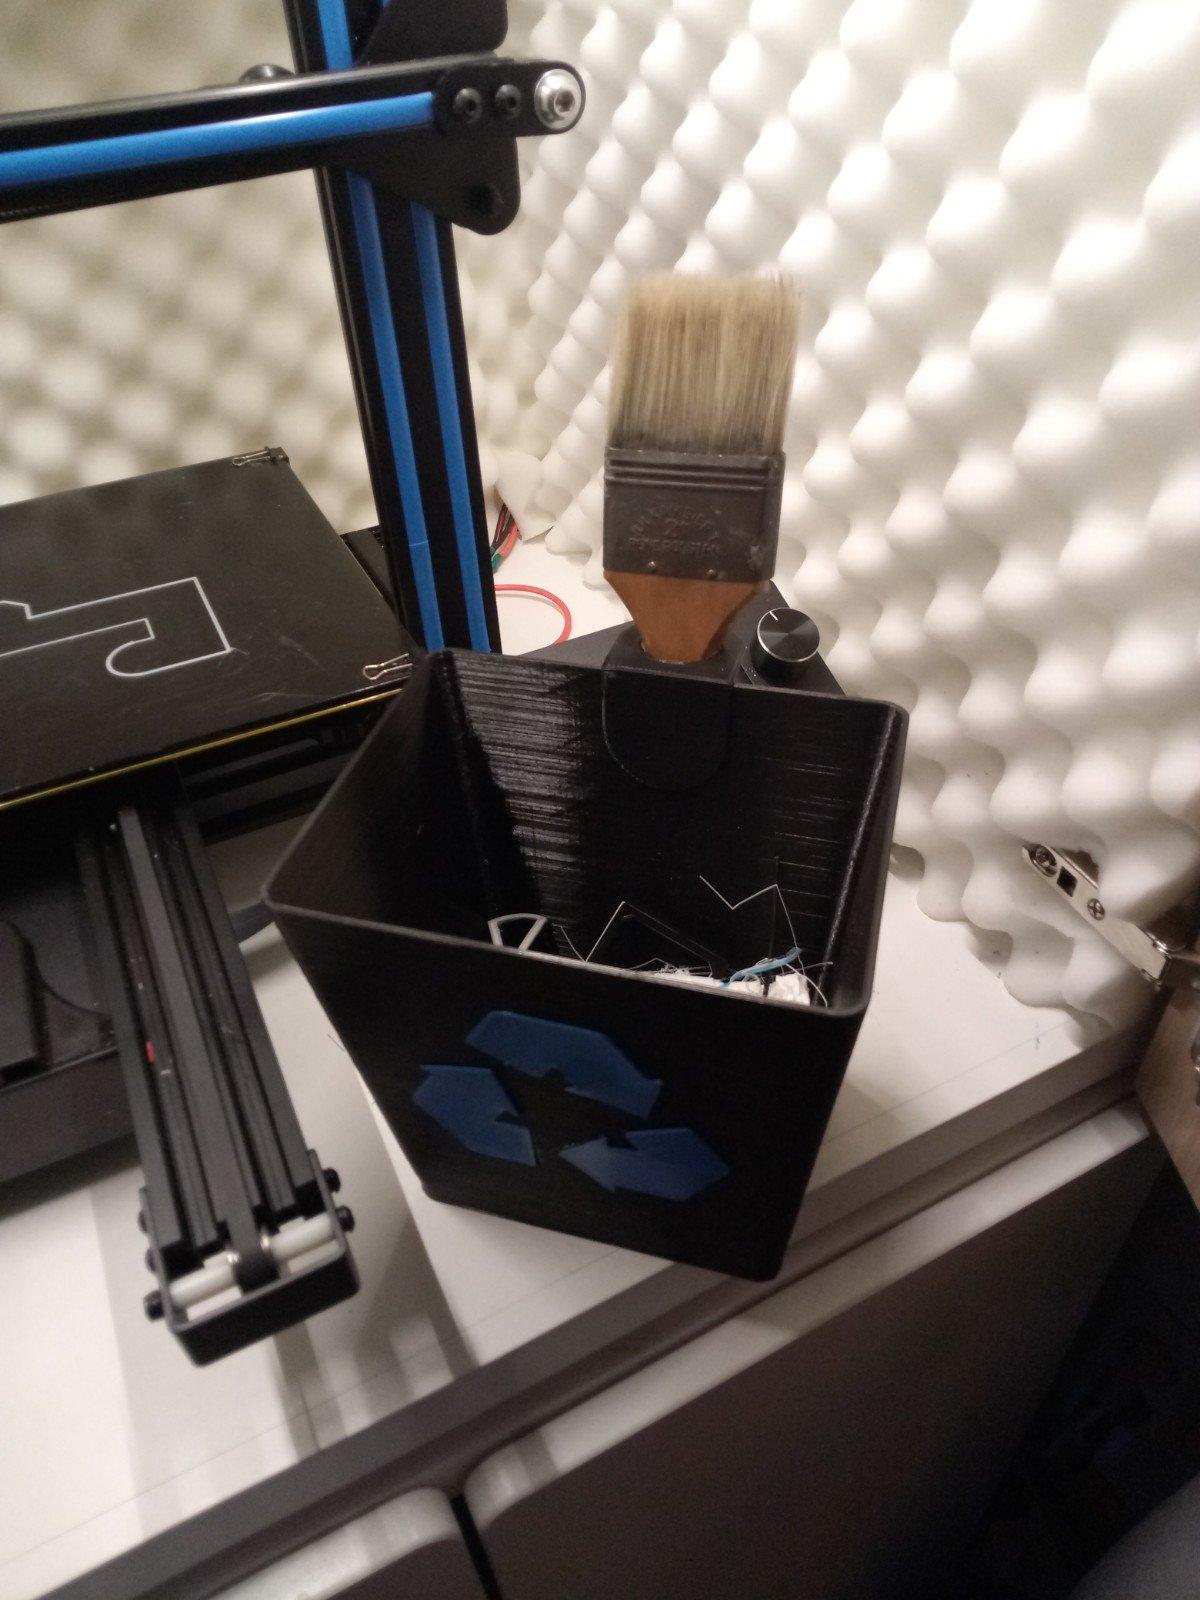 Brush holder for Windows 10 Recycle Bin